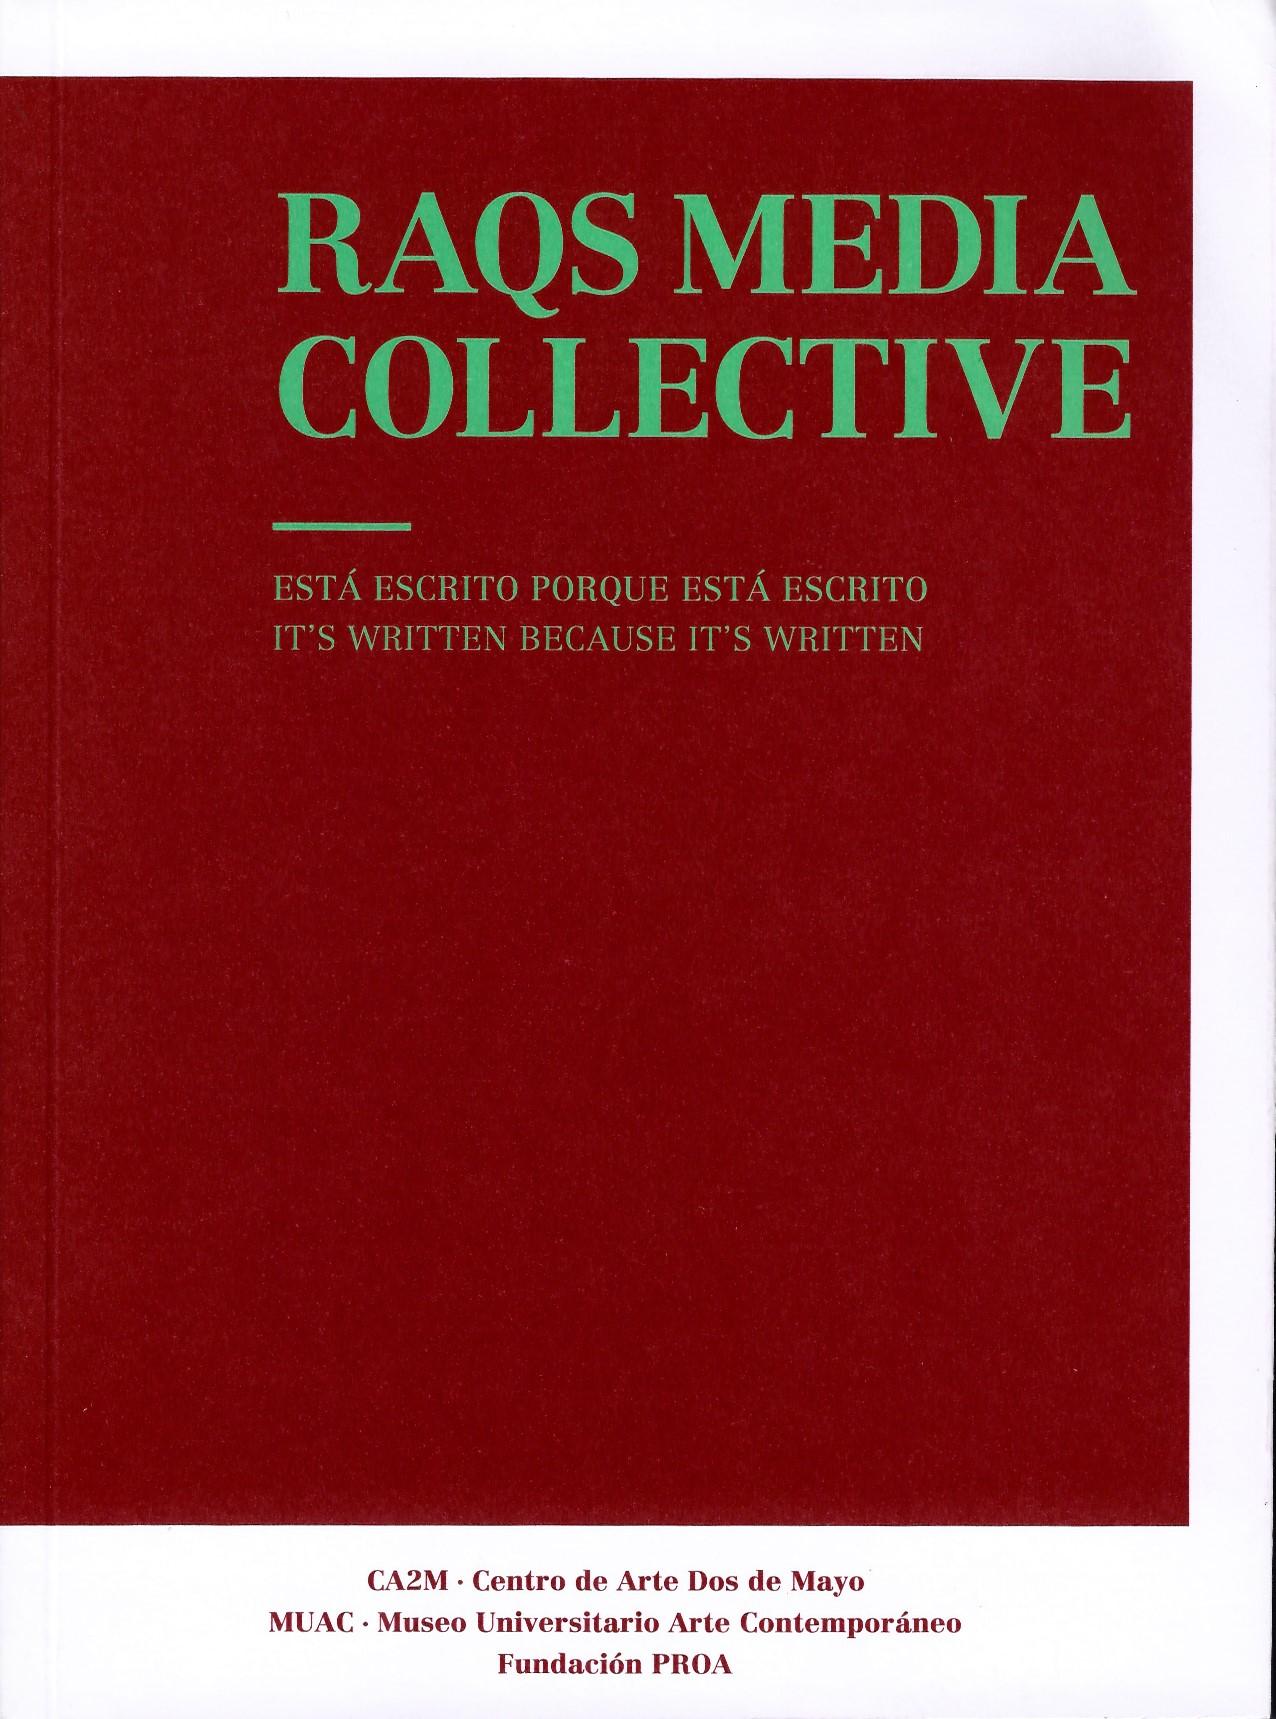 Raqs media collective.Está escrito porque está escrito